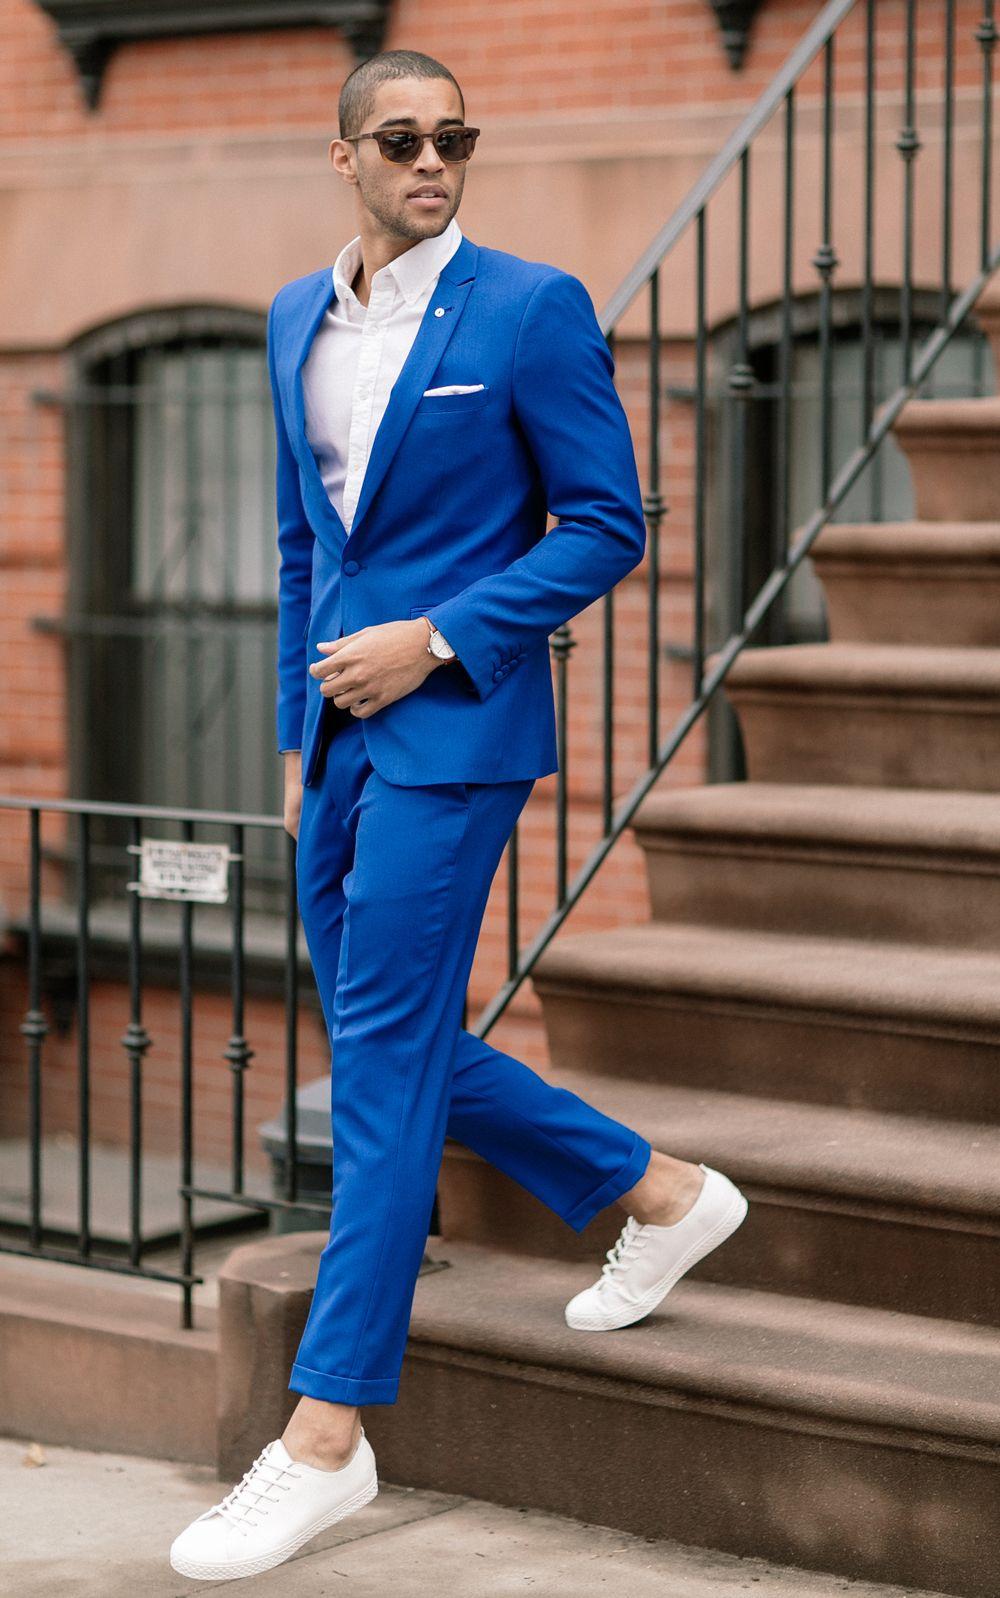 Les 25 meilleures id es de la cat gorie costume bleu lectrique sur pinterest tailleur femme - Costume bleu electrique ...